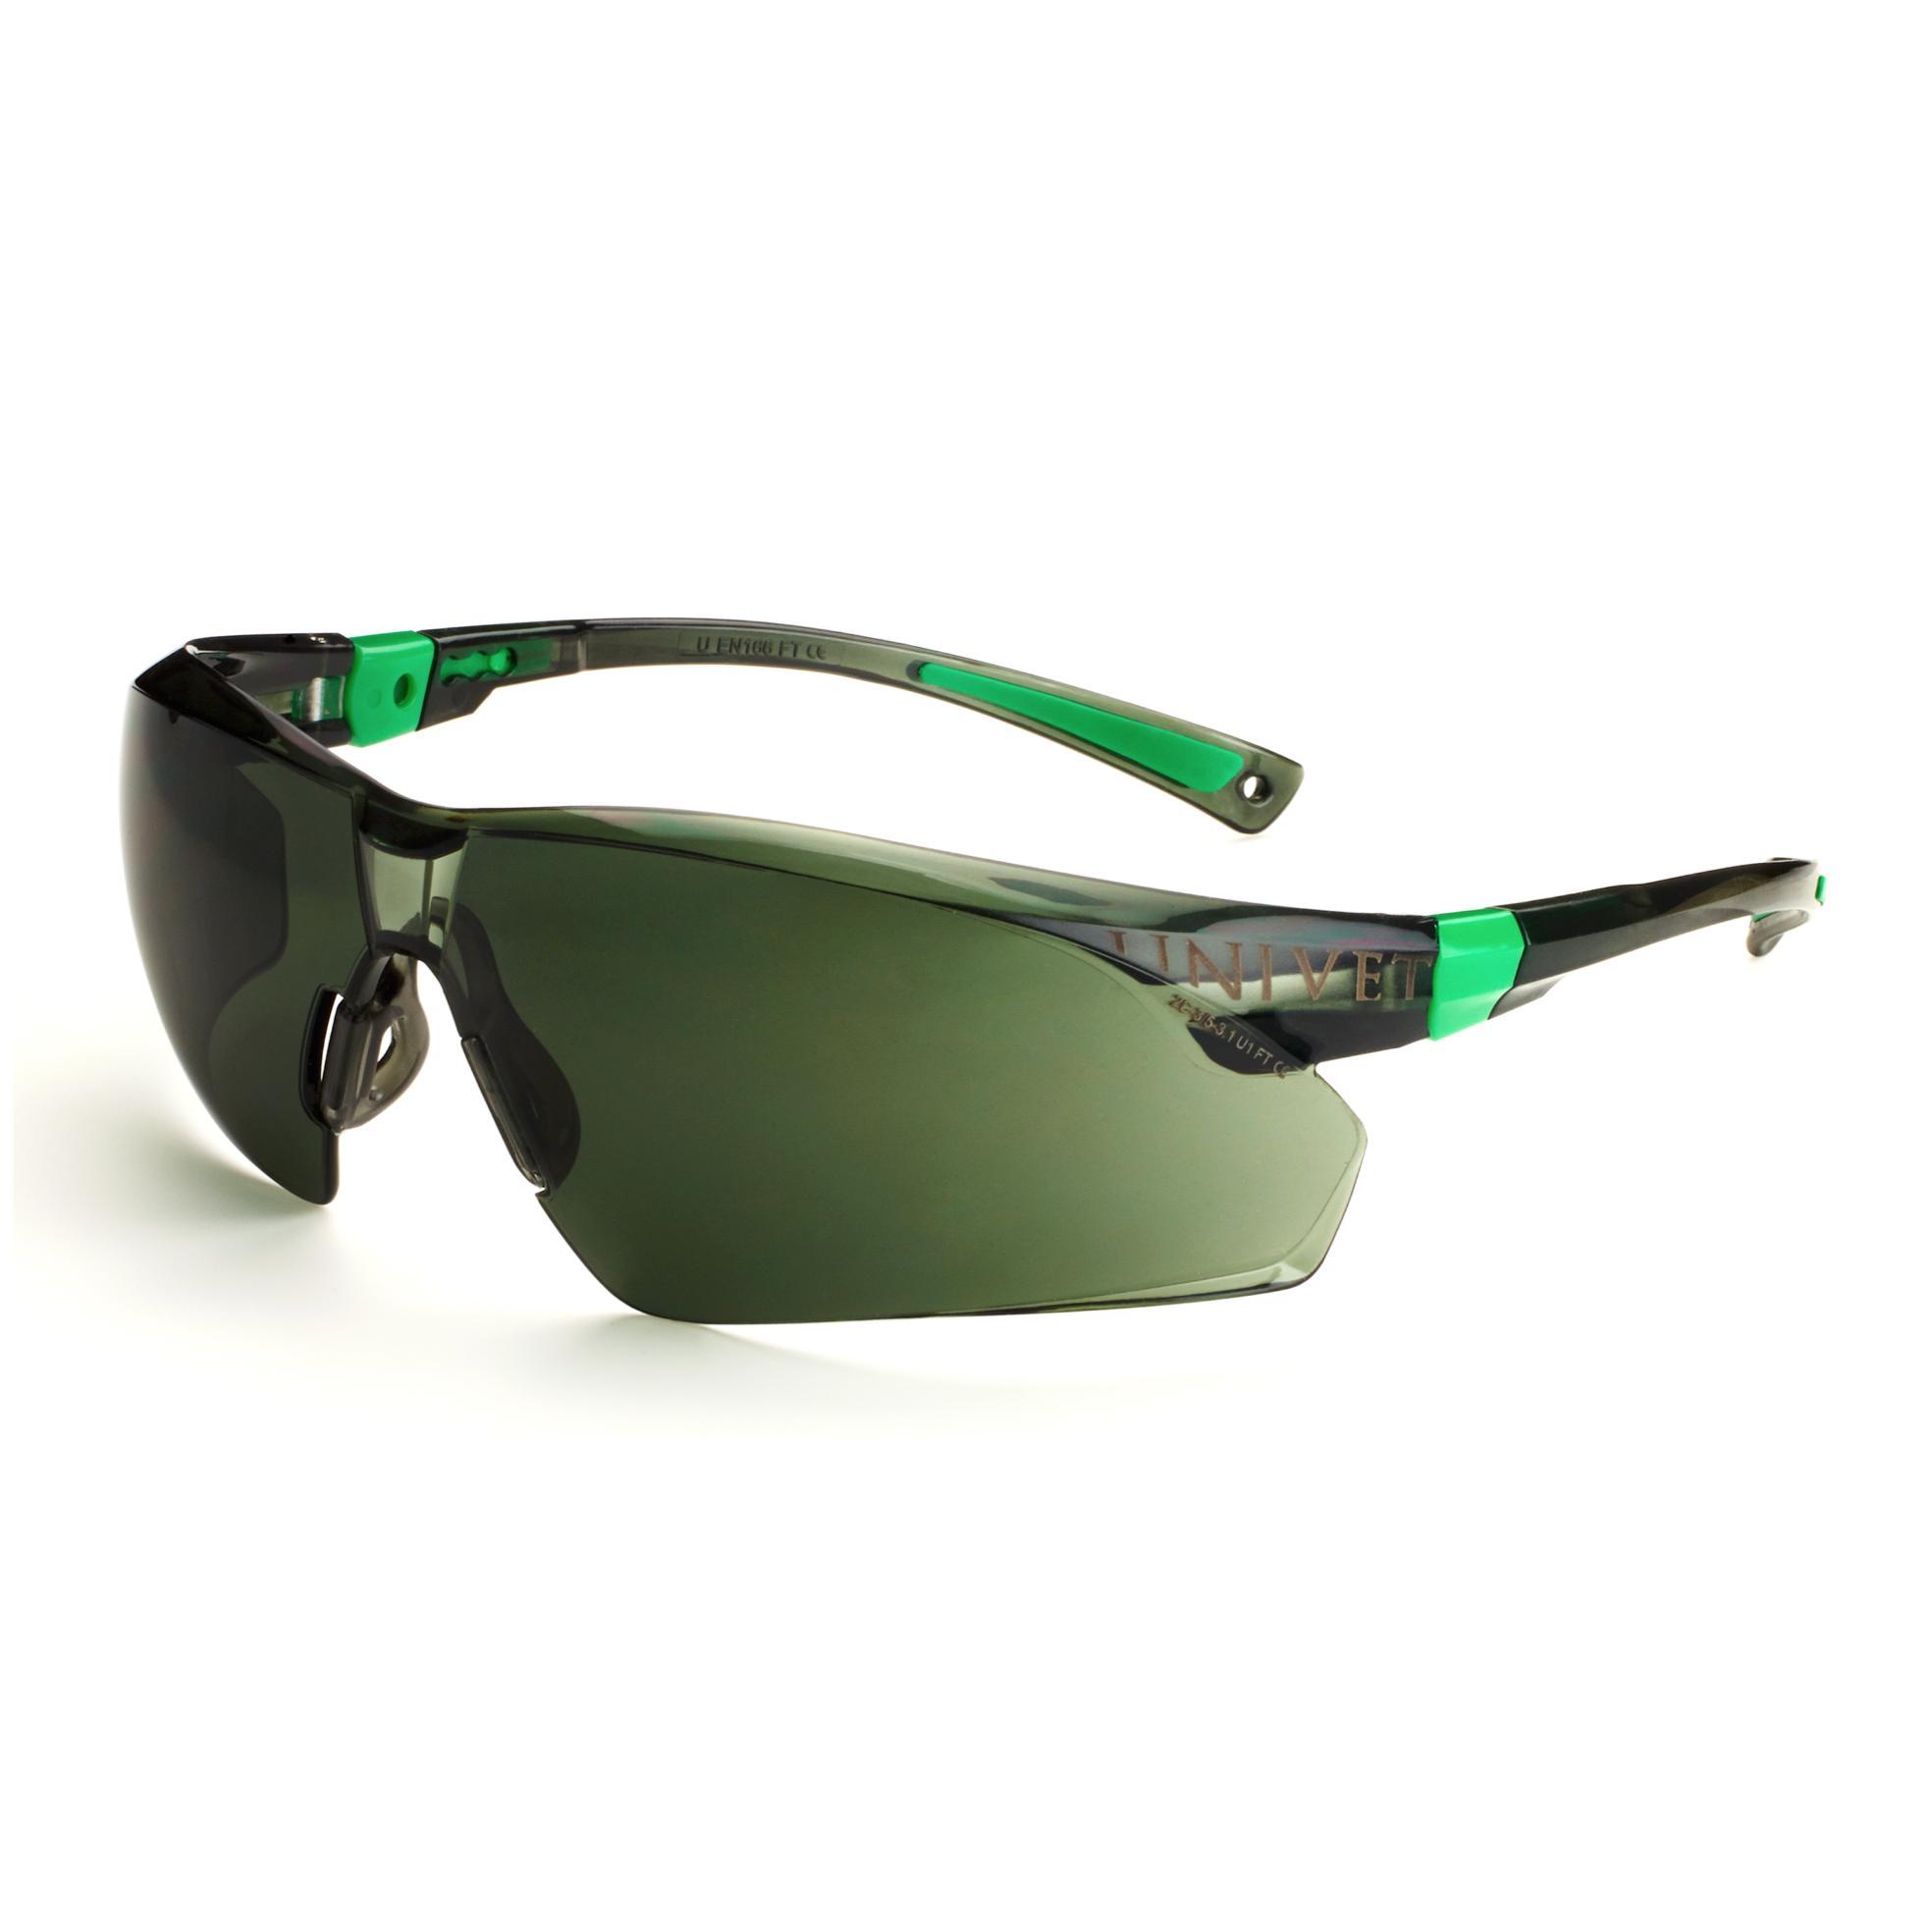 UNIVET 506UP Safety Eyewear (Anti-Scratch / UV400 Protection)